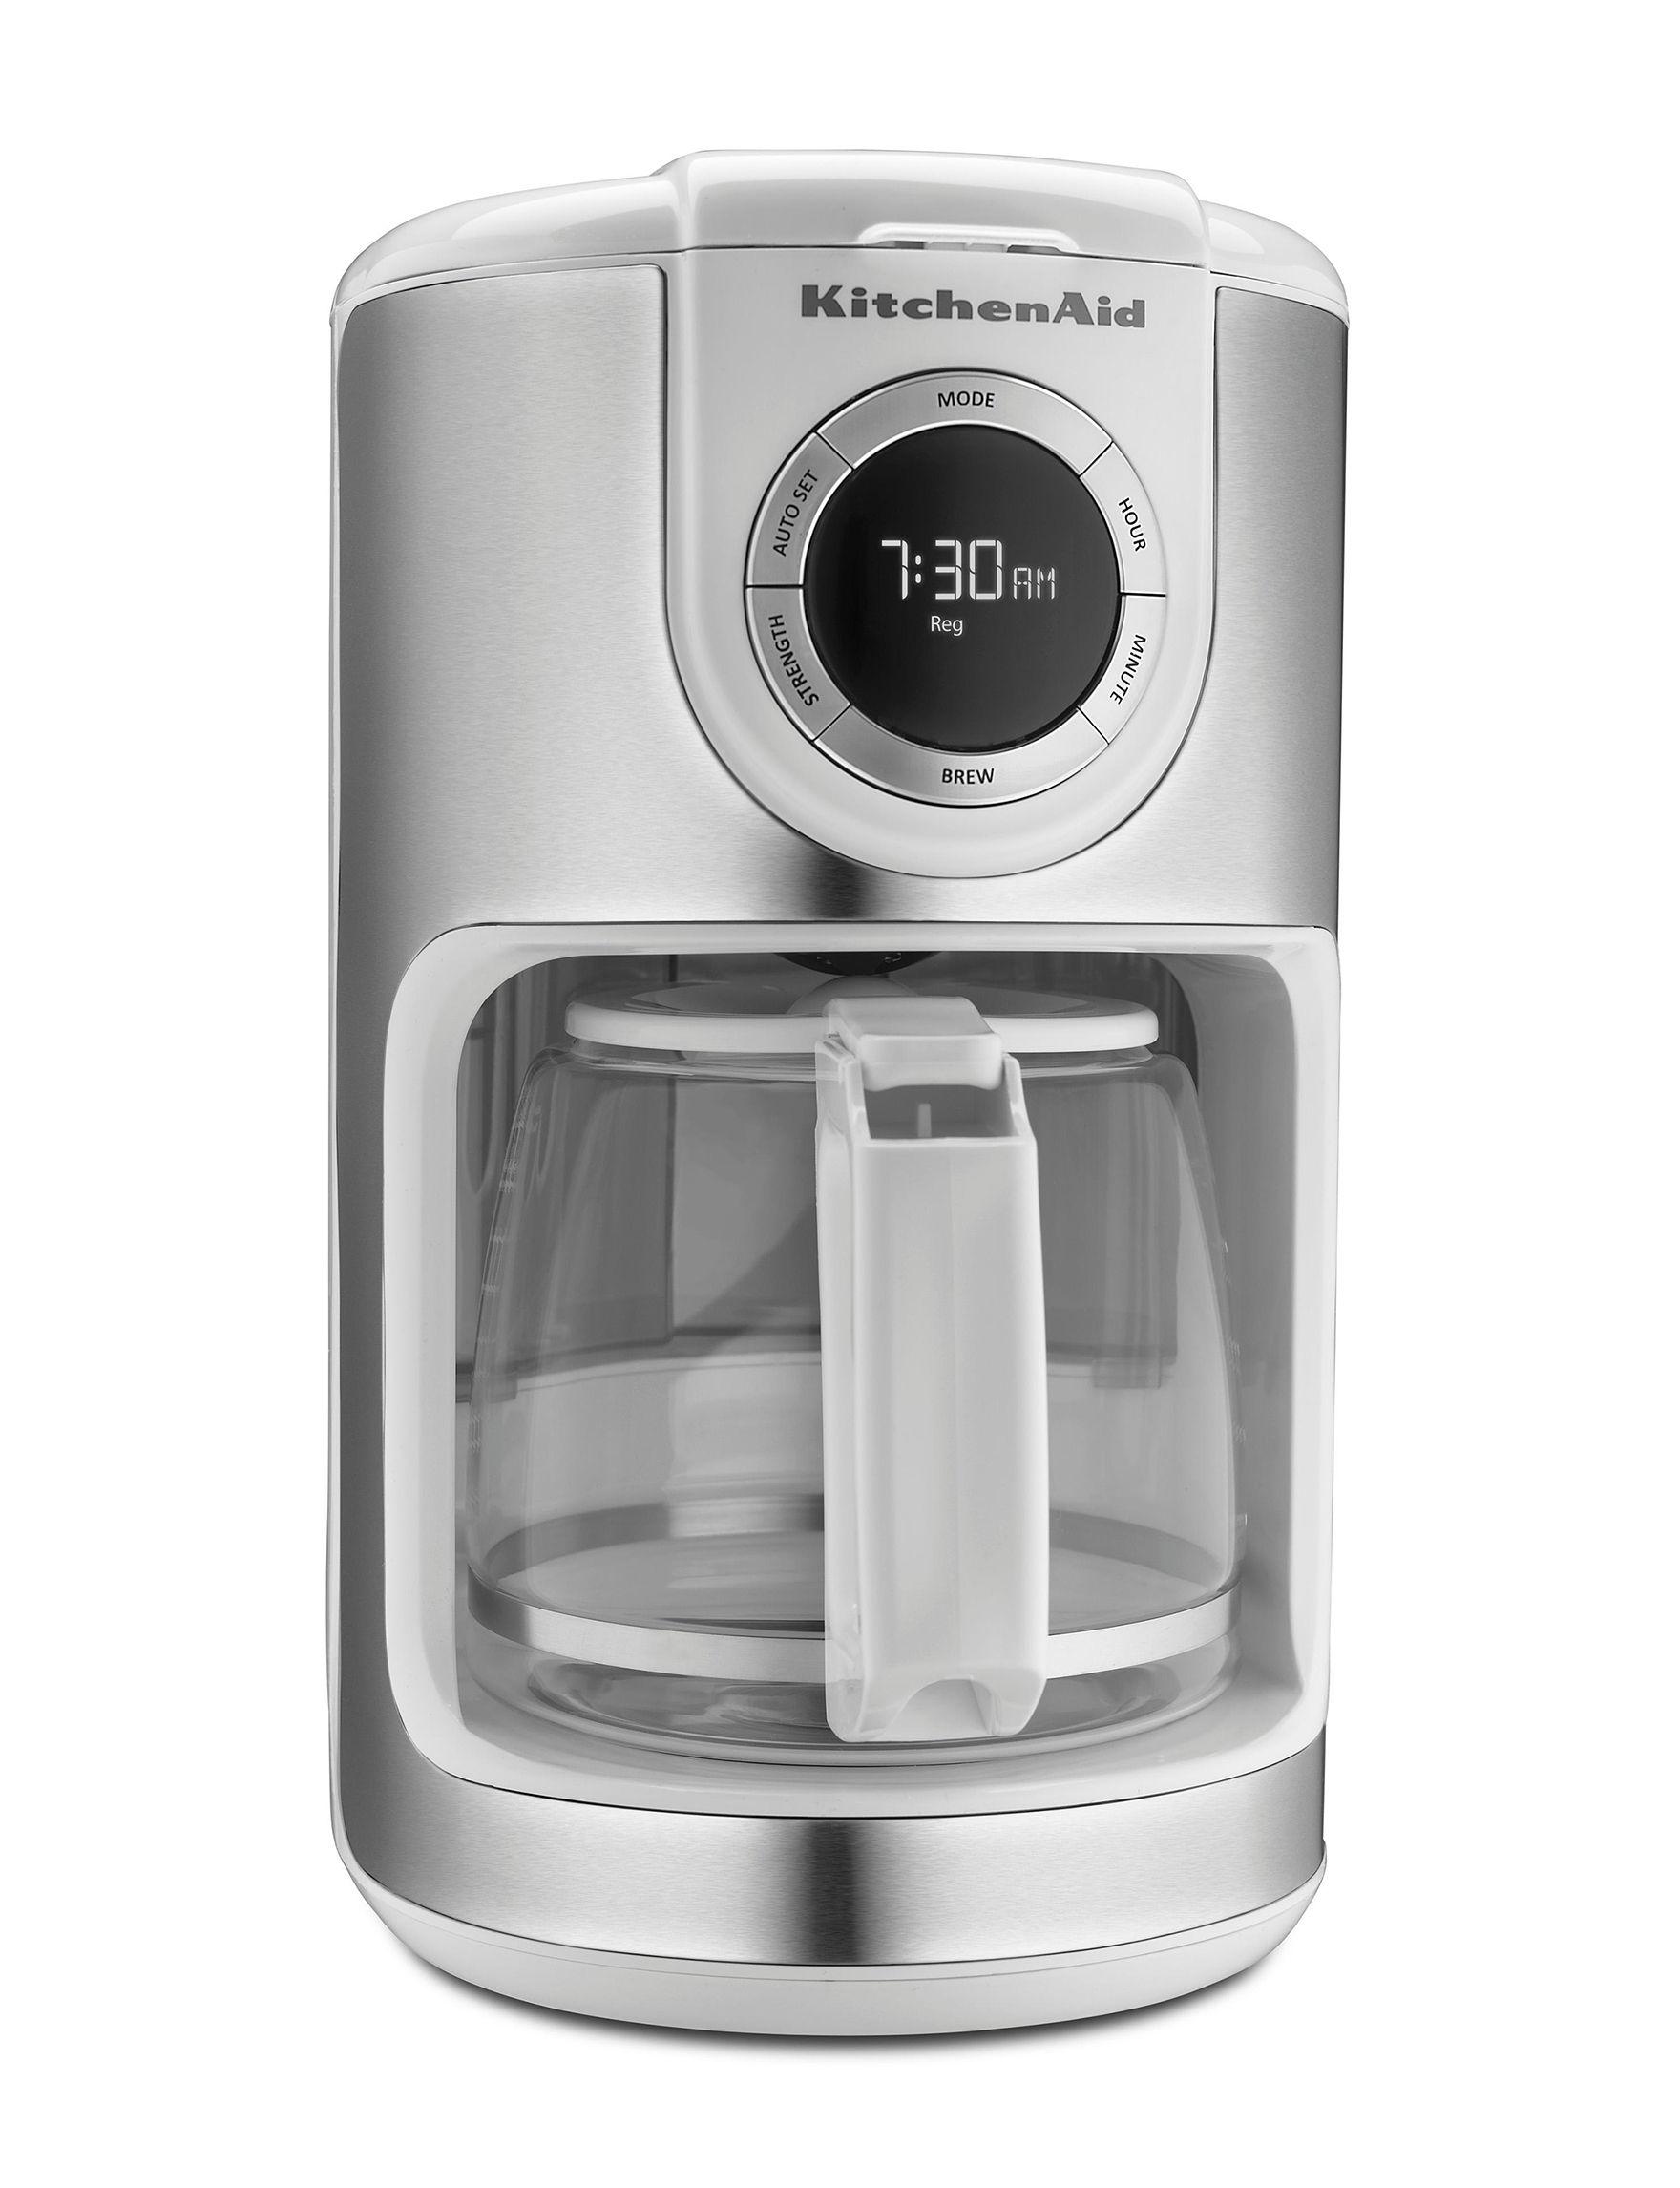 KitchenAid White Coffee, Espresso & Tea Makers Kitchen Appliances